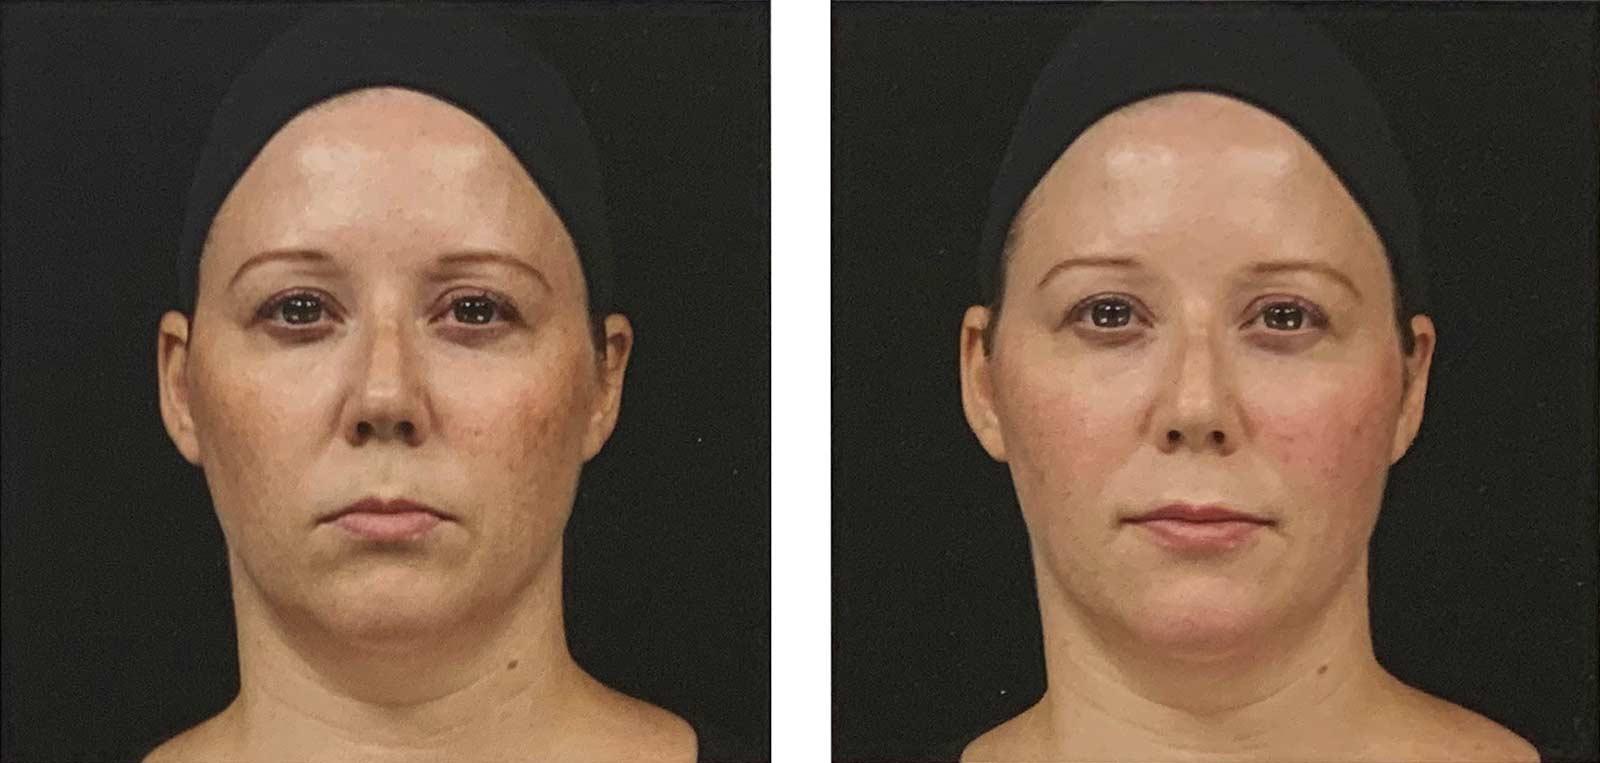 injections d'acide hyaluronique (Juvederm) pour corriger un visage d'aspect sévère - avant-après